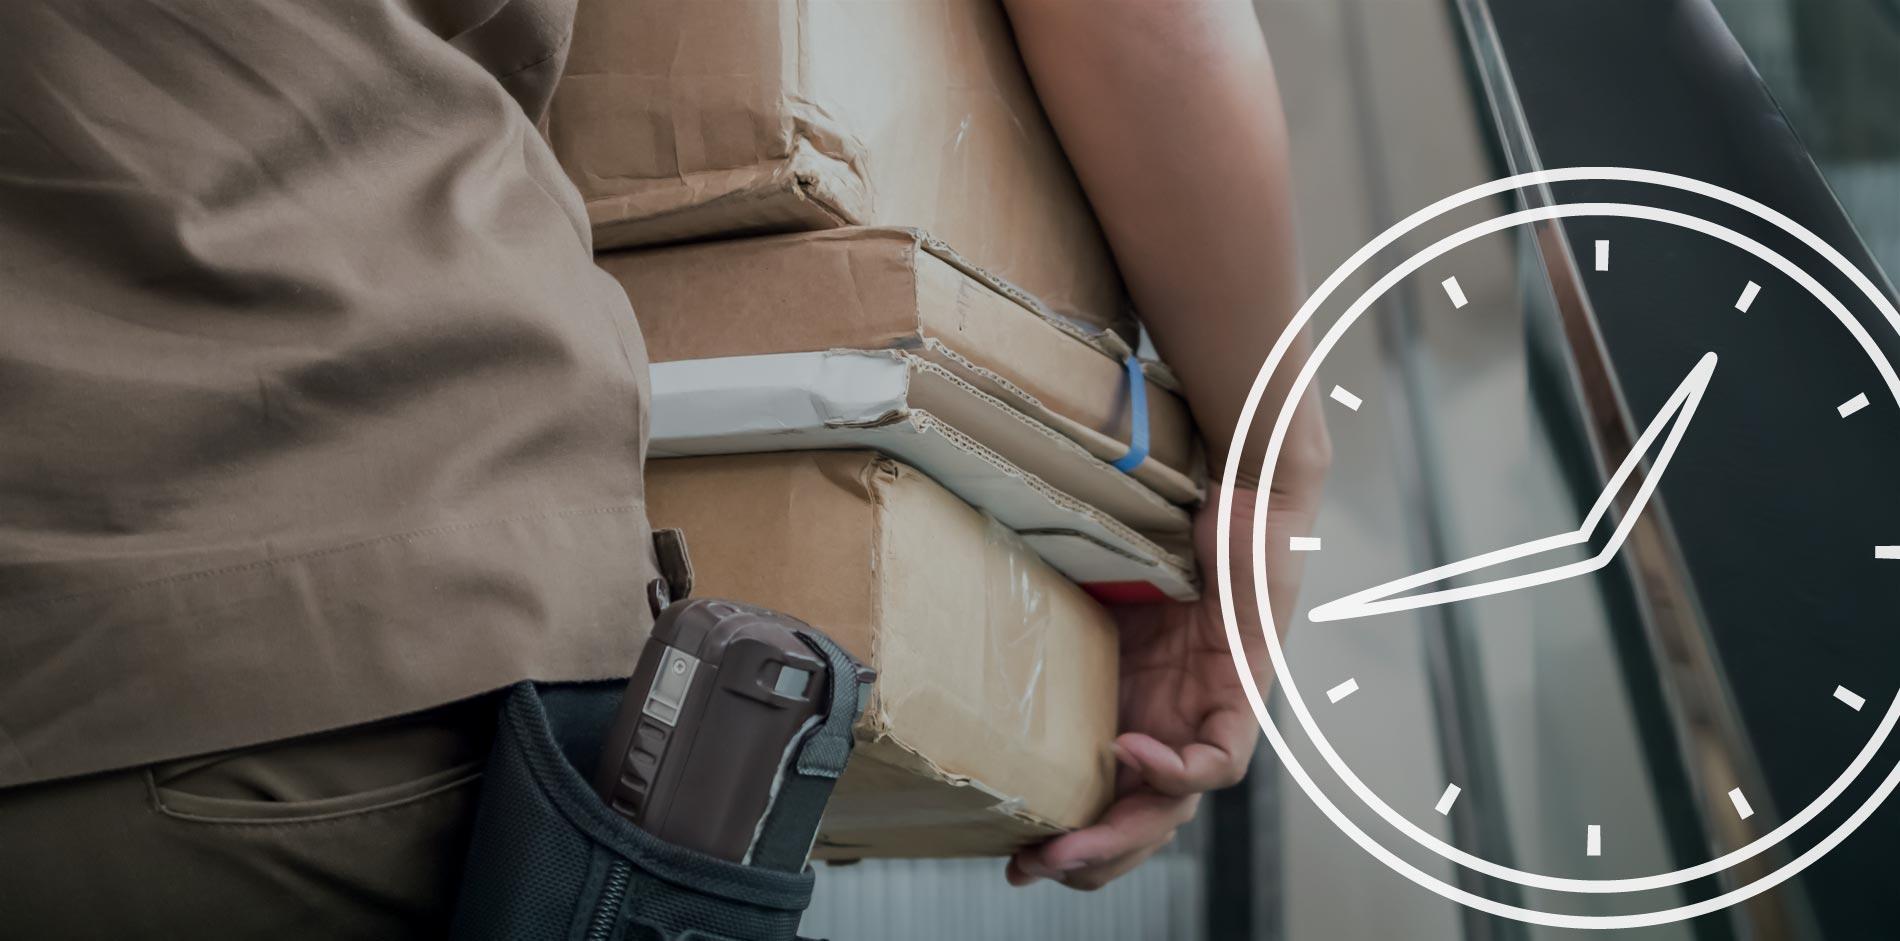 Res'source, emploi à temps partagé en Essonne (91) - Groupement d'employeurs